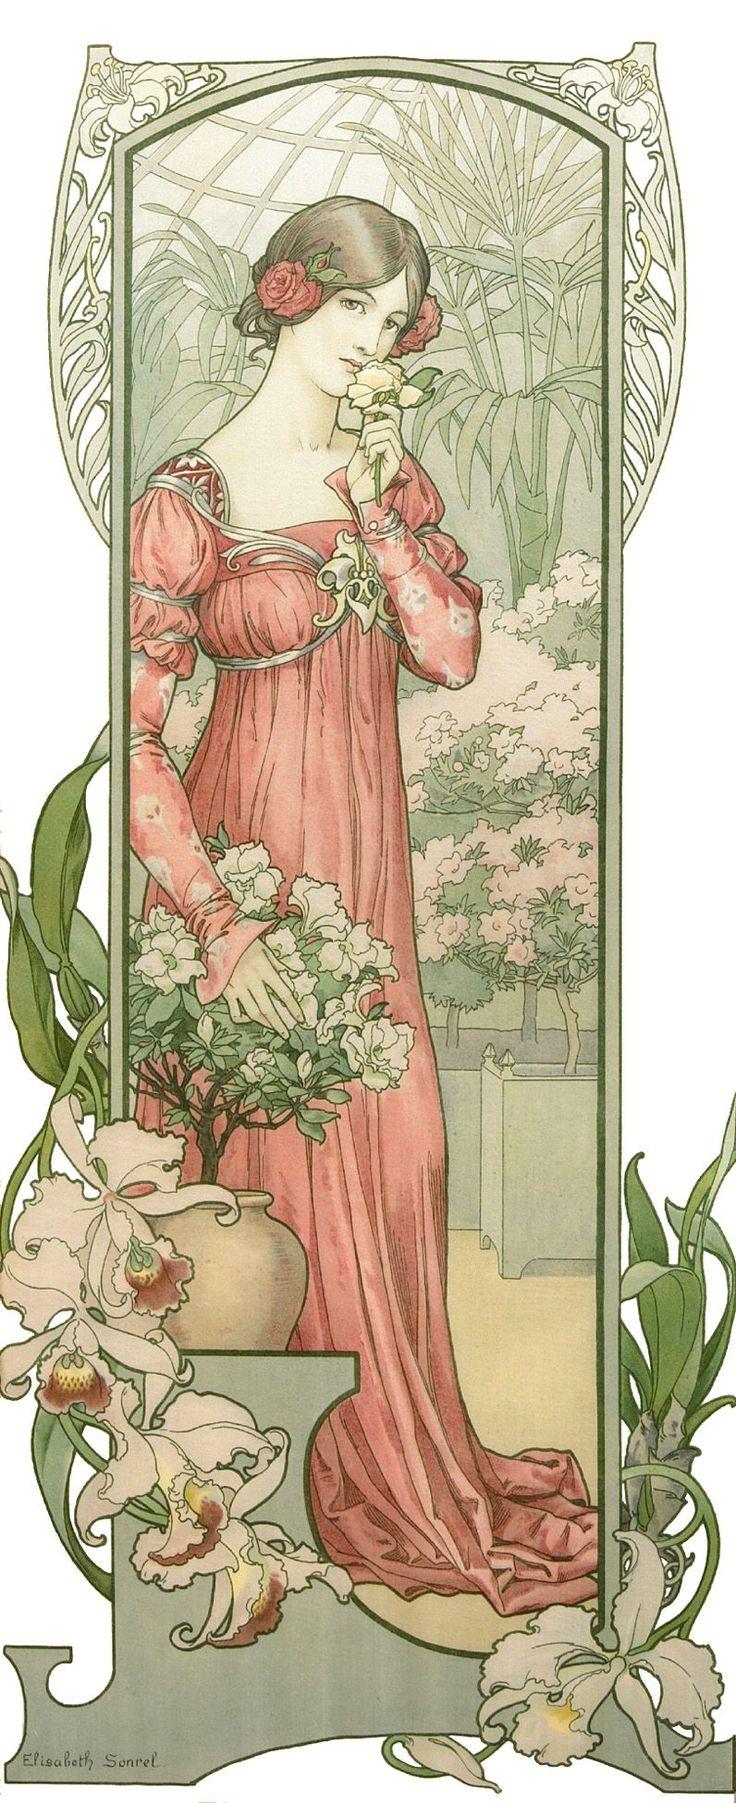 Fleurs des Serre (Greenhouse Flowers) - 1900 - by Elizabeth Sonrel (French, 1874-1953) - Art Nouveau Postcard - @~ Mlle                                                                                                                                                      Plus